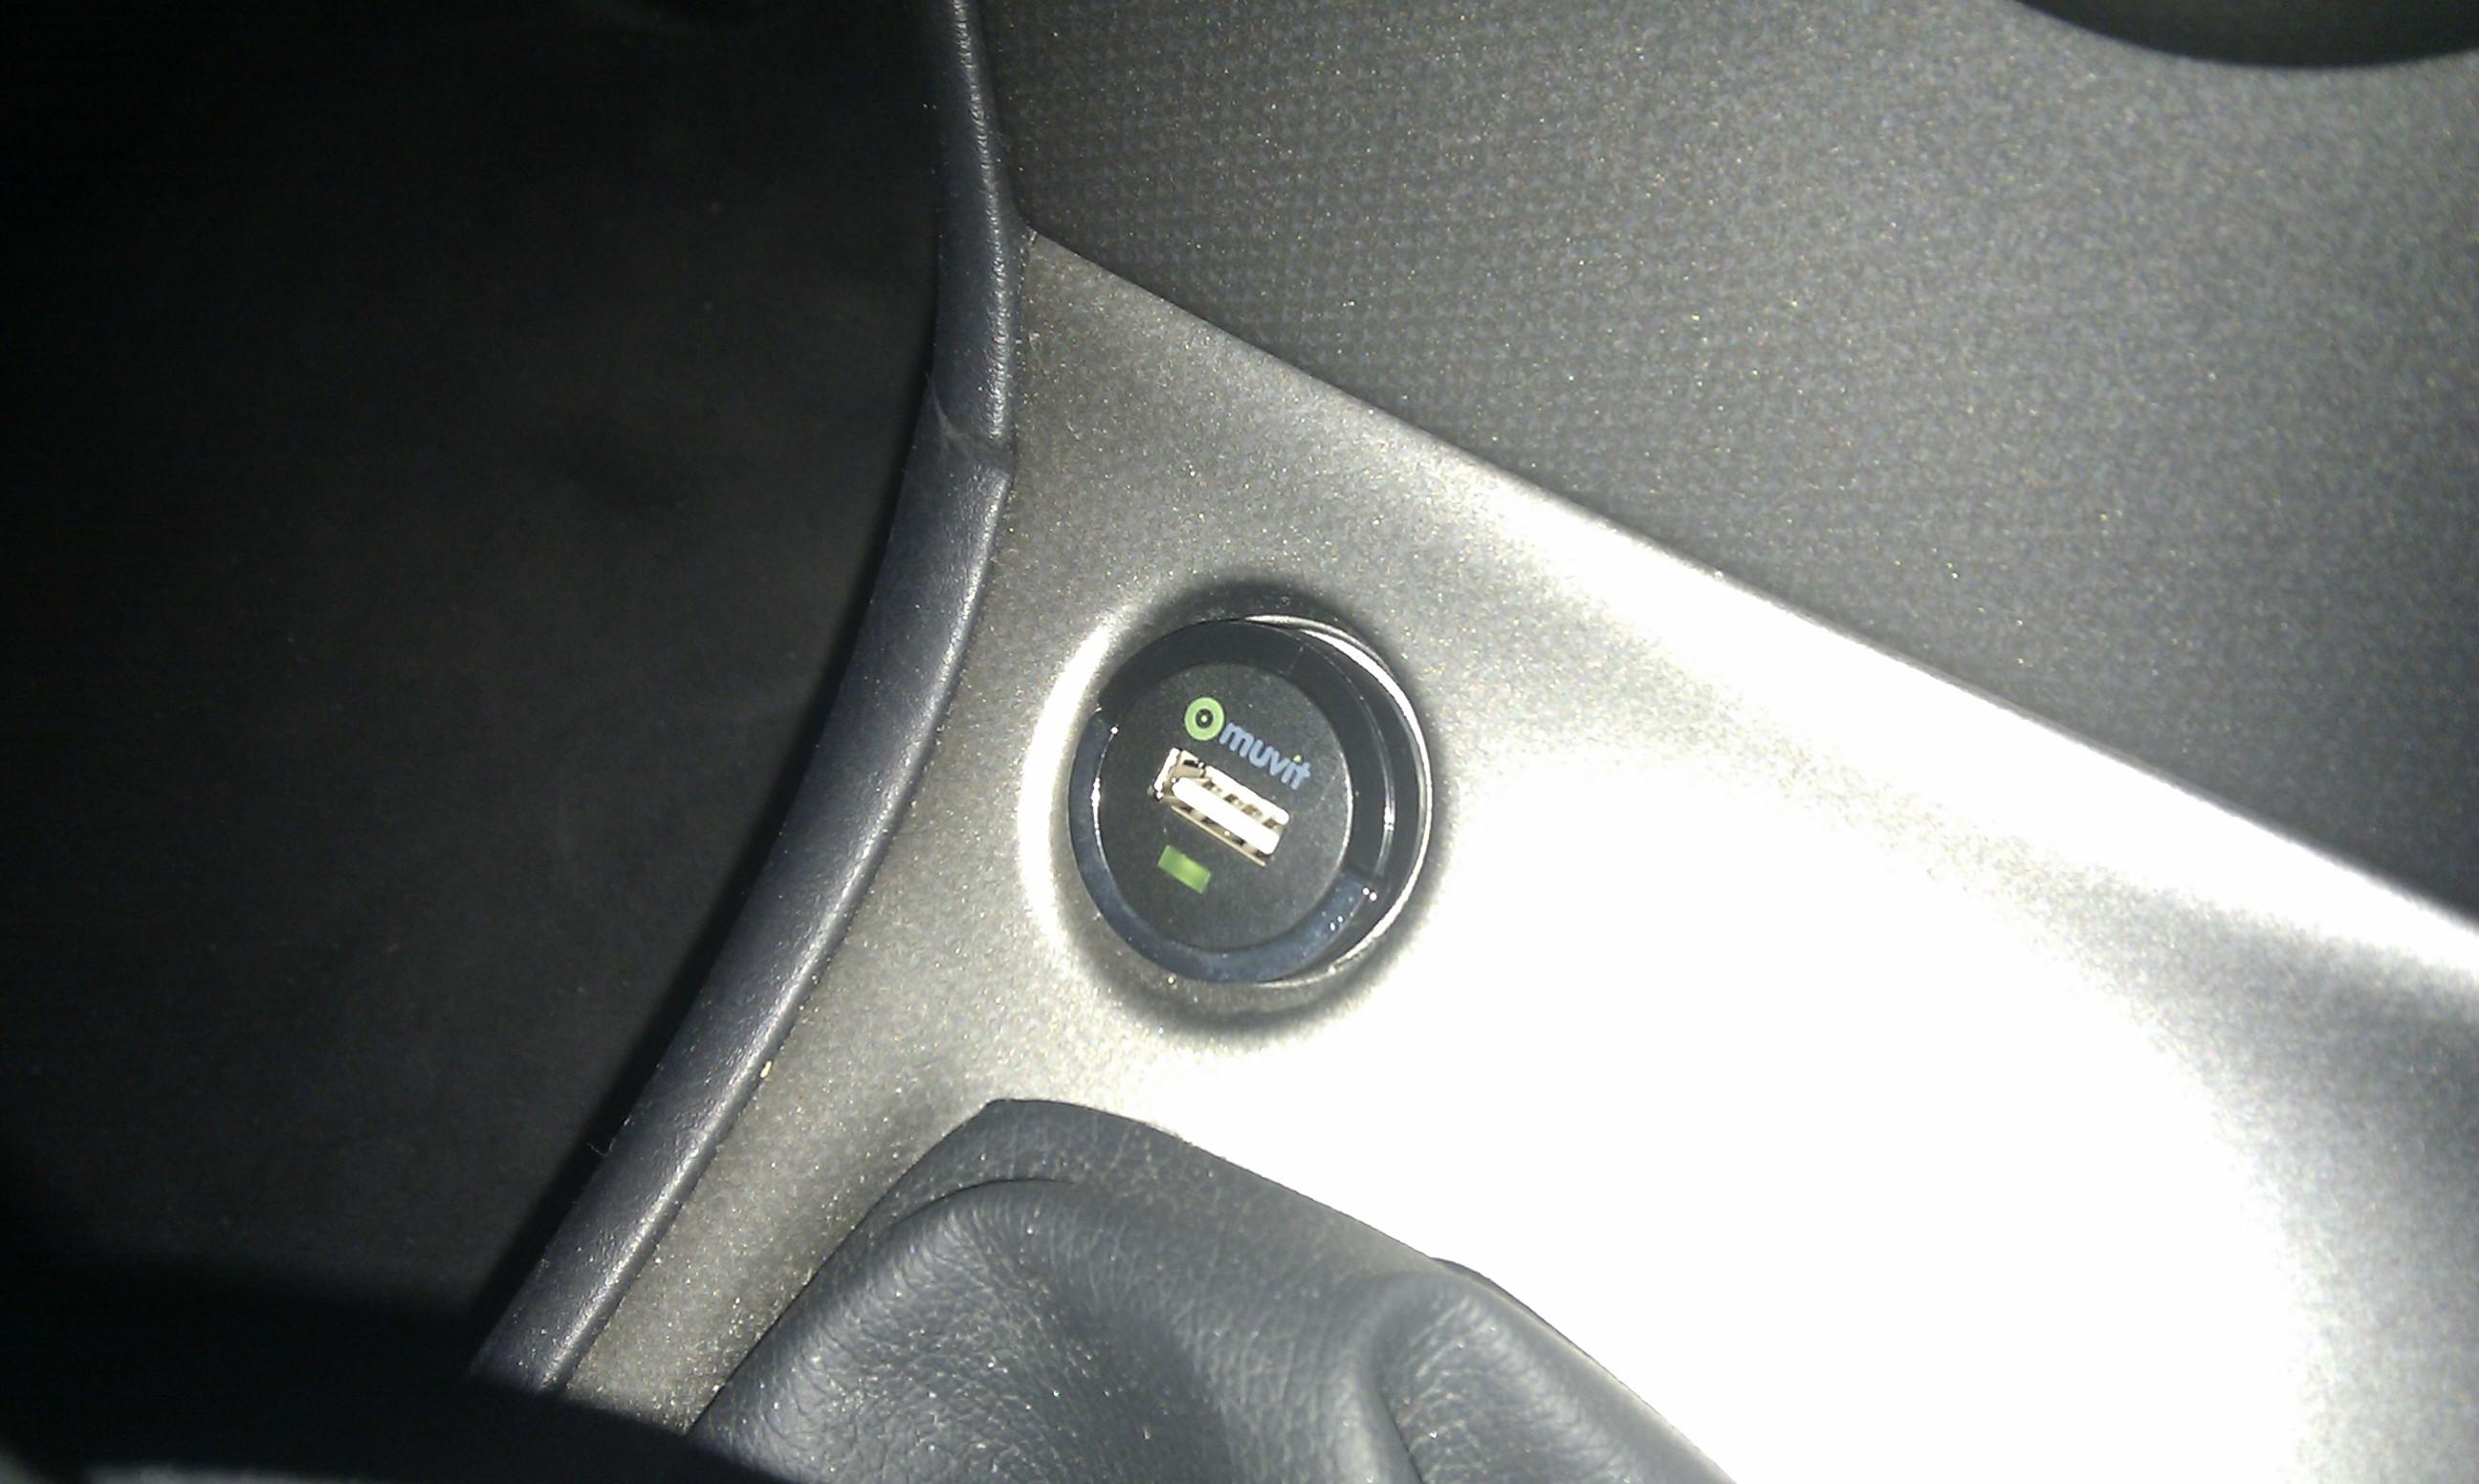 Adaptador USB per a cotxe